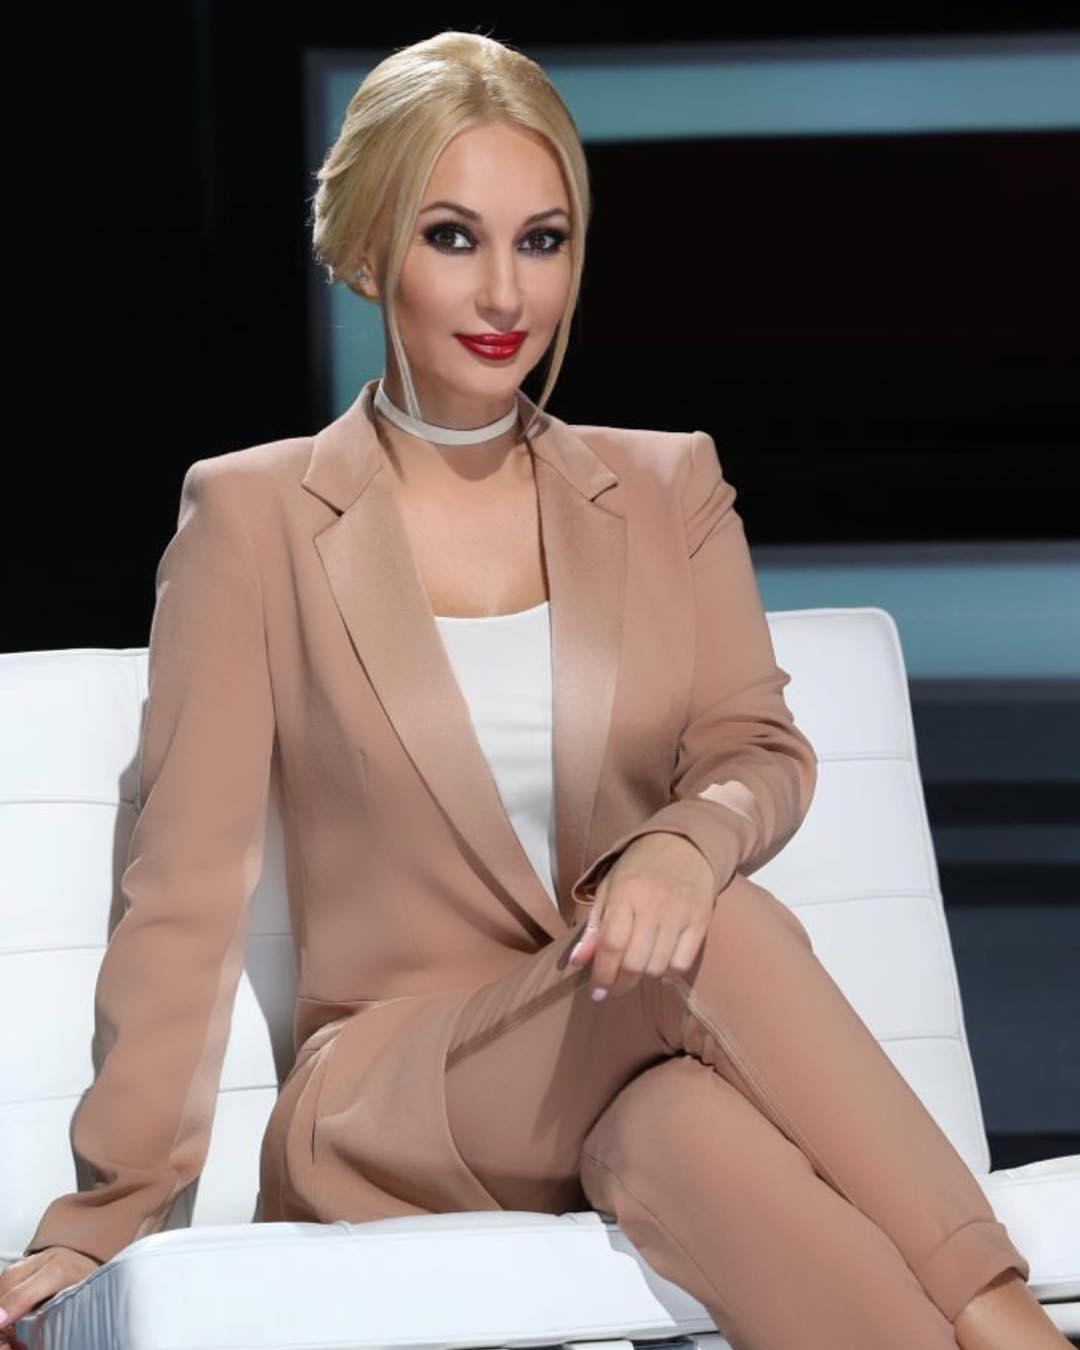 С легкой маминой руки – Лере Кудрявцевой удалось протолкнуть безработного сына на телевидение